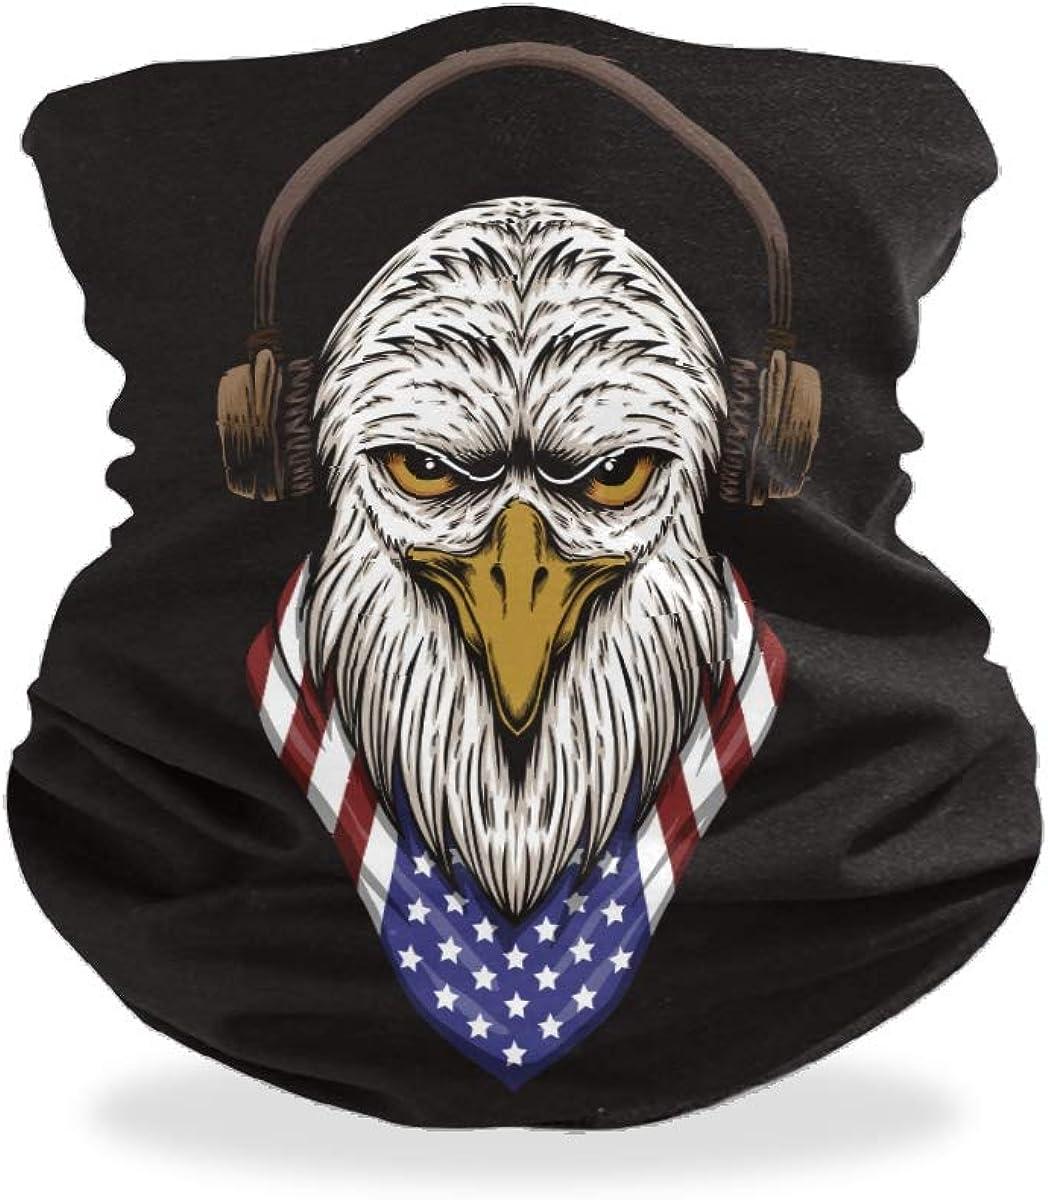 Eagle Head USA Unisex Máscara de boca sin costuras Bandanas Mascarilla facial Pasamontañas Diademas bufanda cubierta cuello polaina para adultos hombres mujeres deportes al aire libre